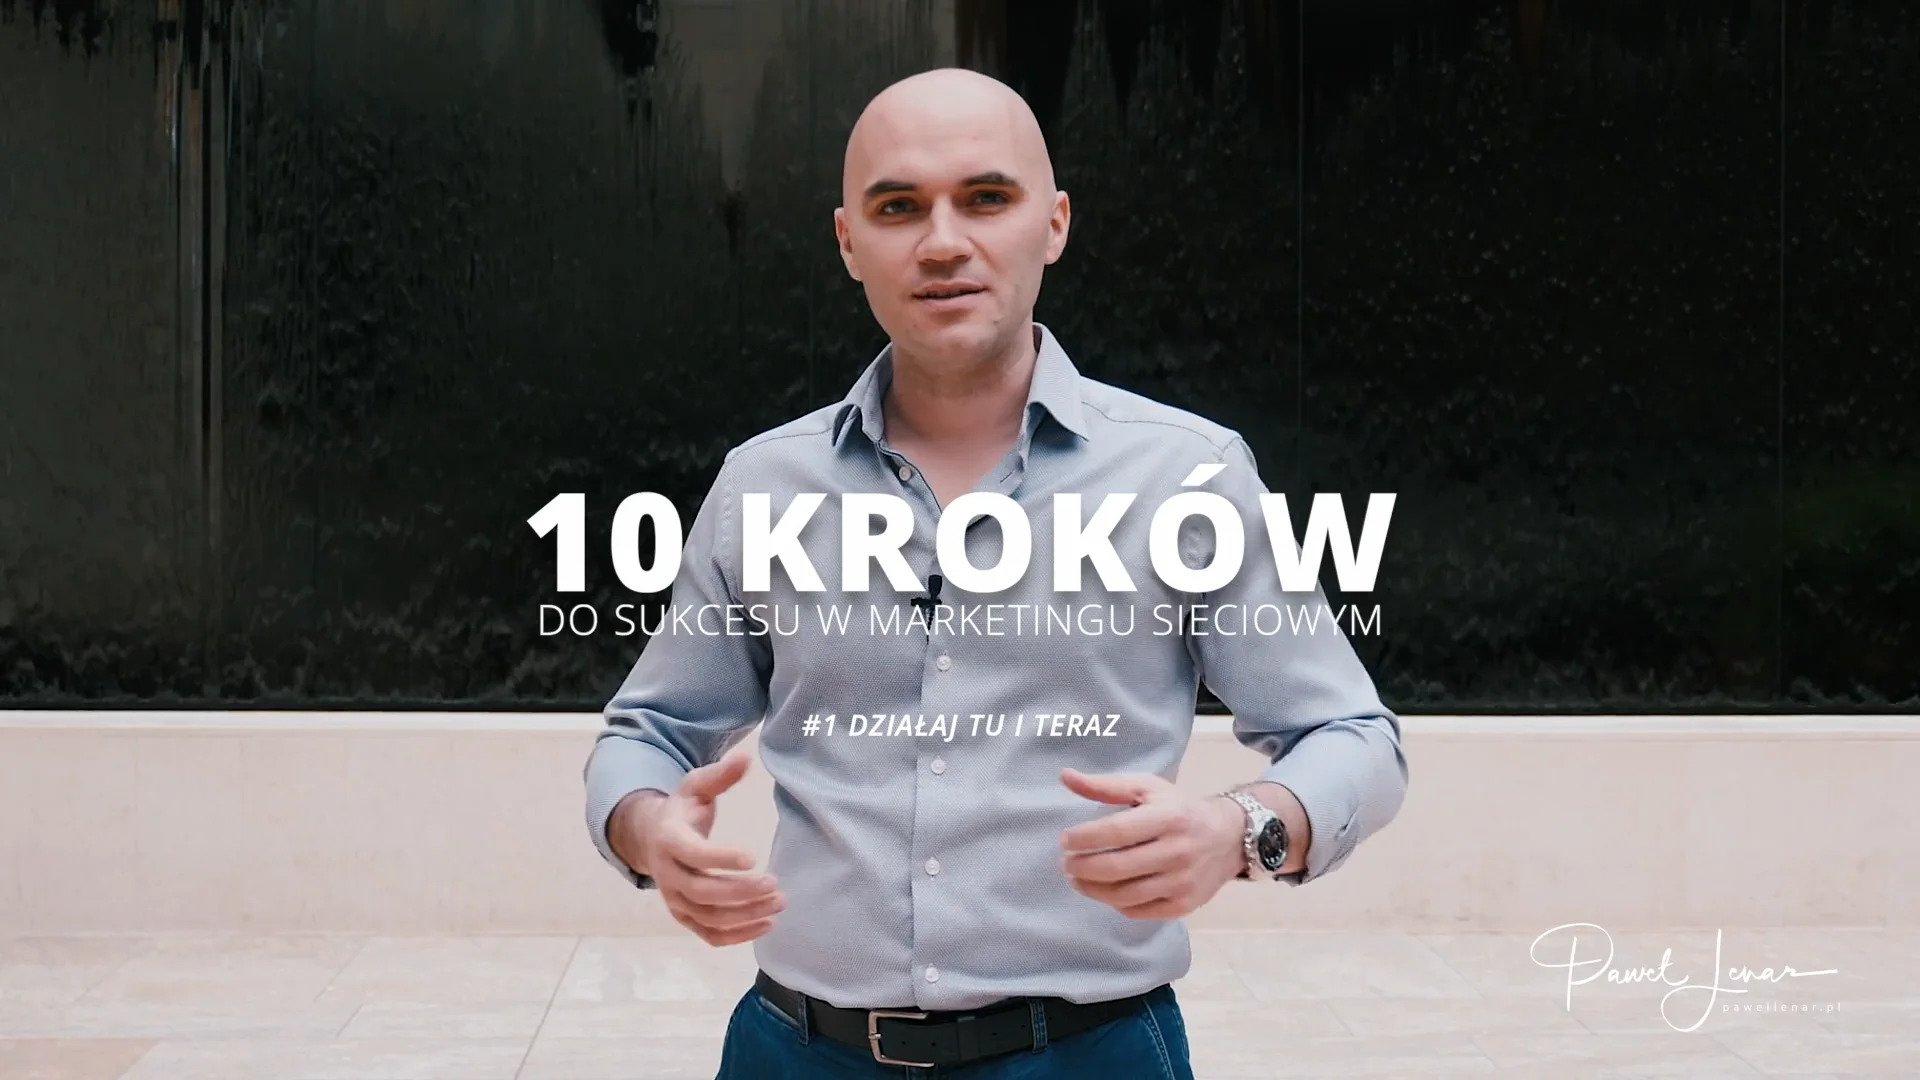 10 krokow 1 dzialaj tu i teraz - Paweł Lenar Blog